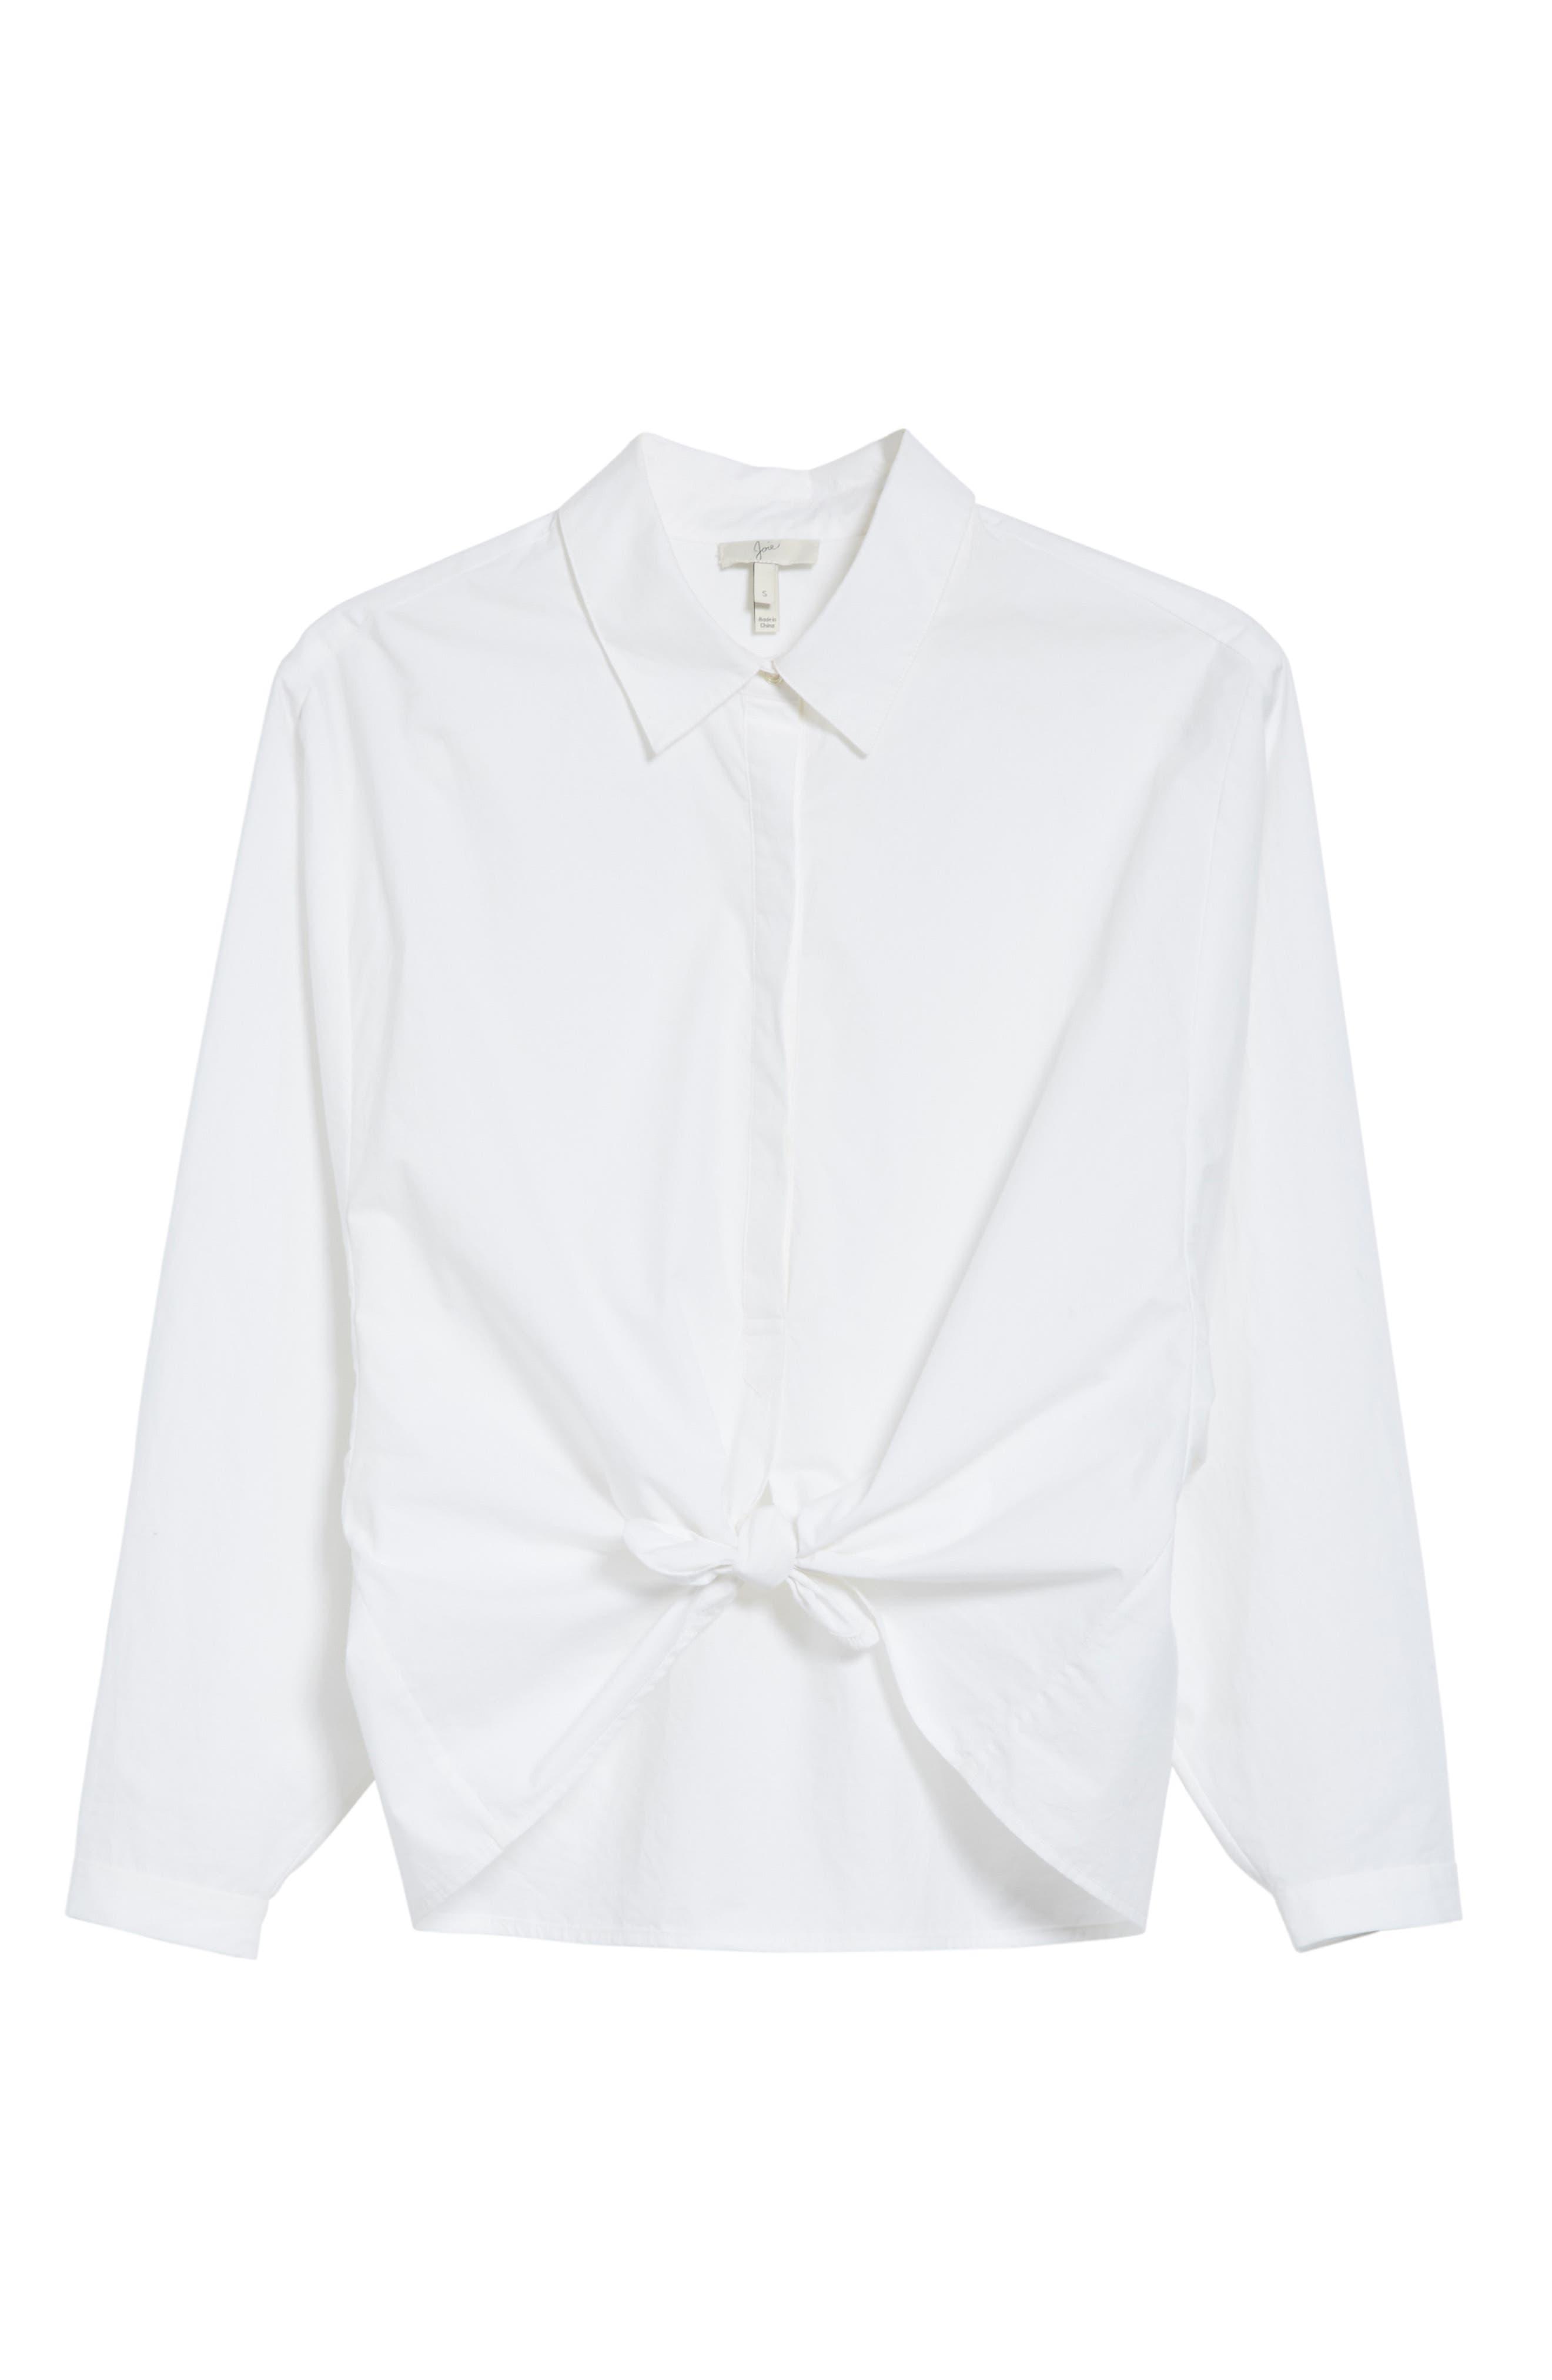 Anjanique B Button Down Cotton Shirt,                             Alternate thumbnail 6, color,                             Clean White